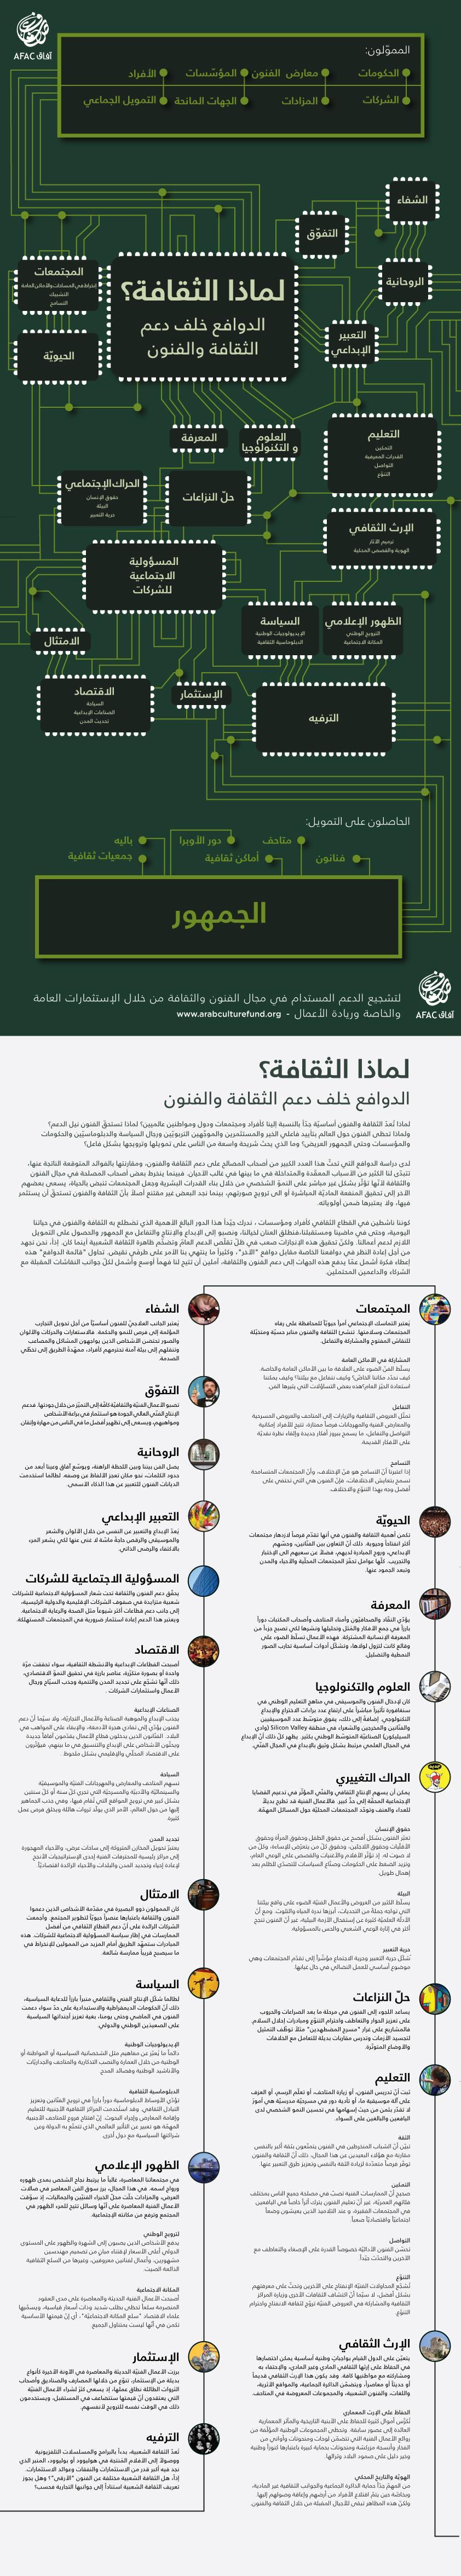 الفراغ الفني في بيروت - الفراغ الفني في العواصم العربية - لماذا الثقافة؟